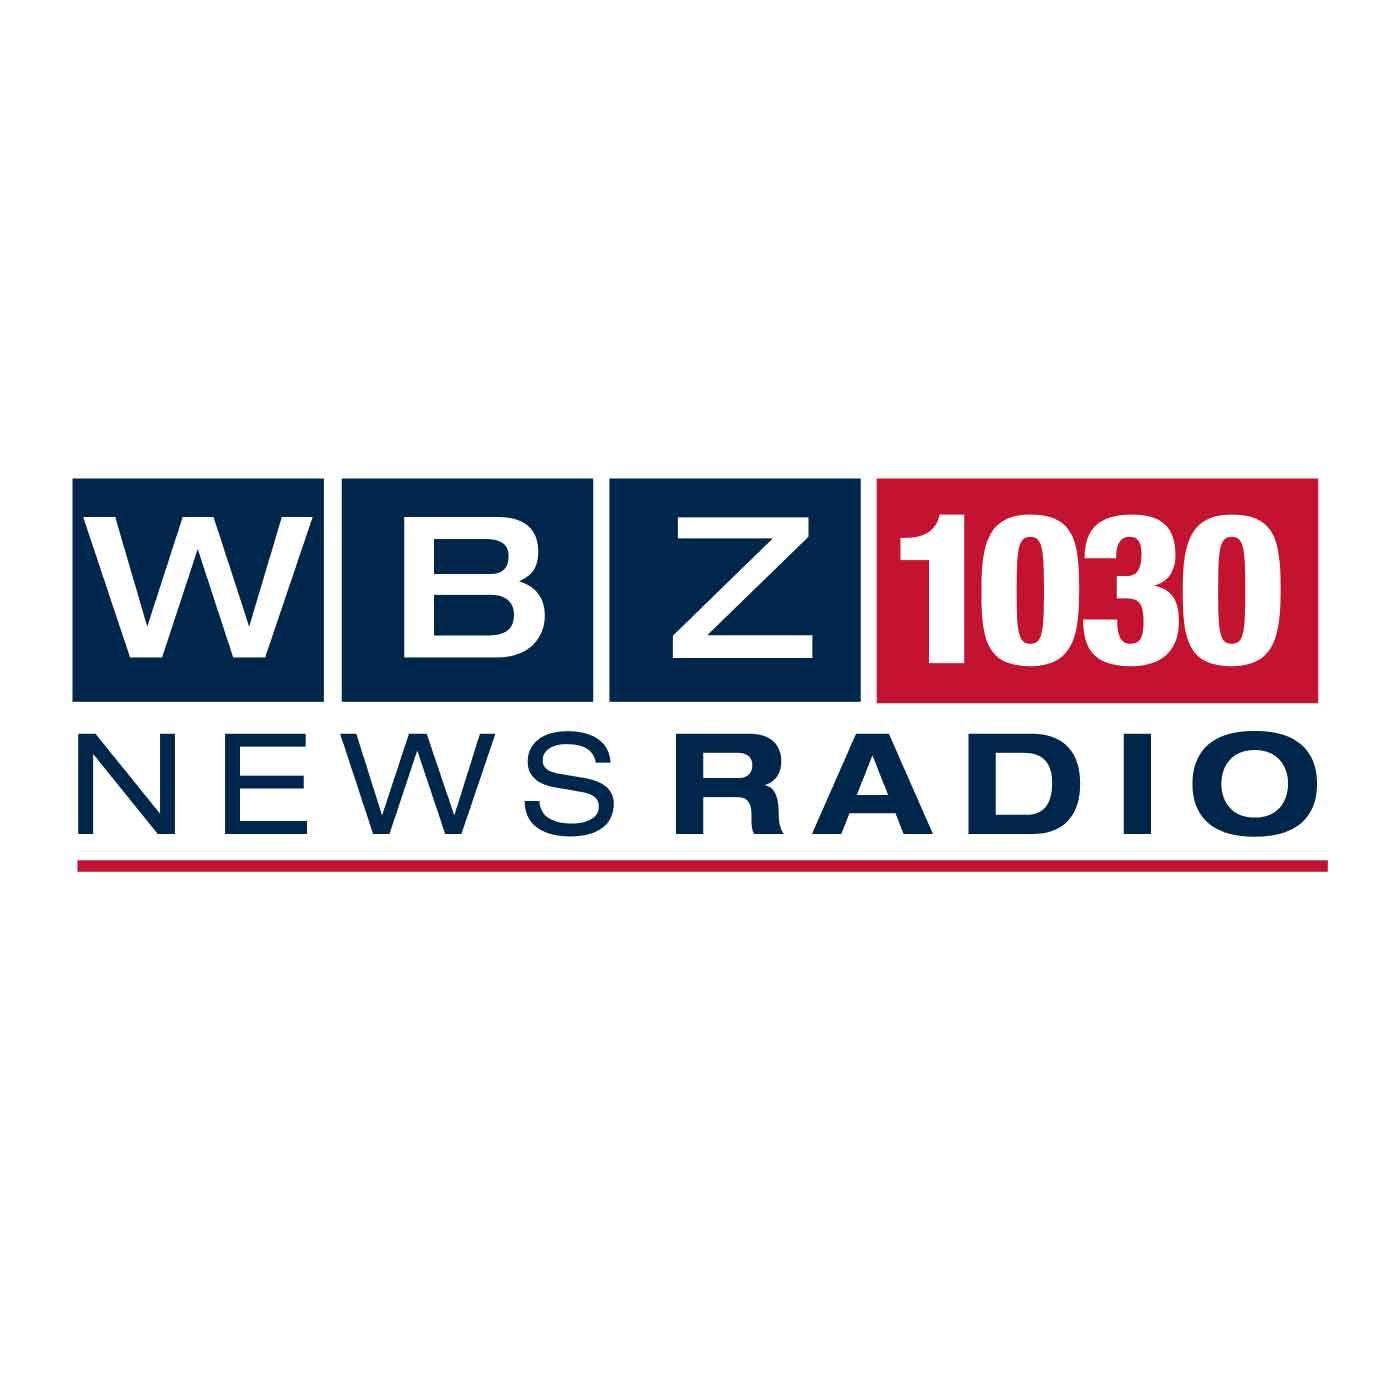 WBZ 1030 NewsRadio Updates